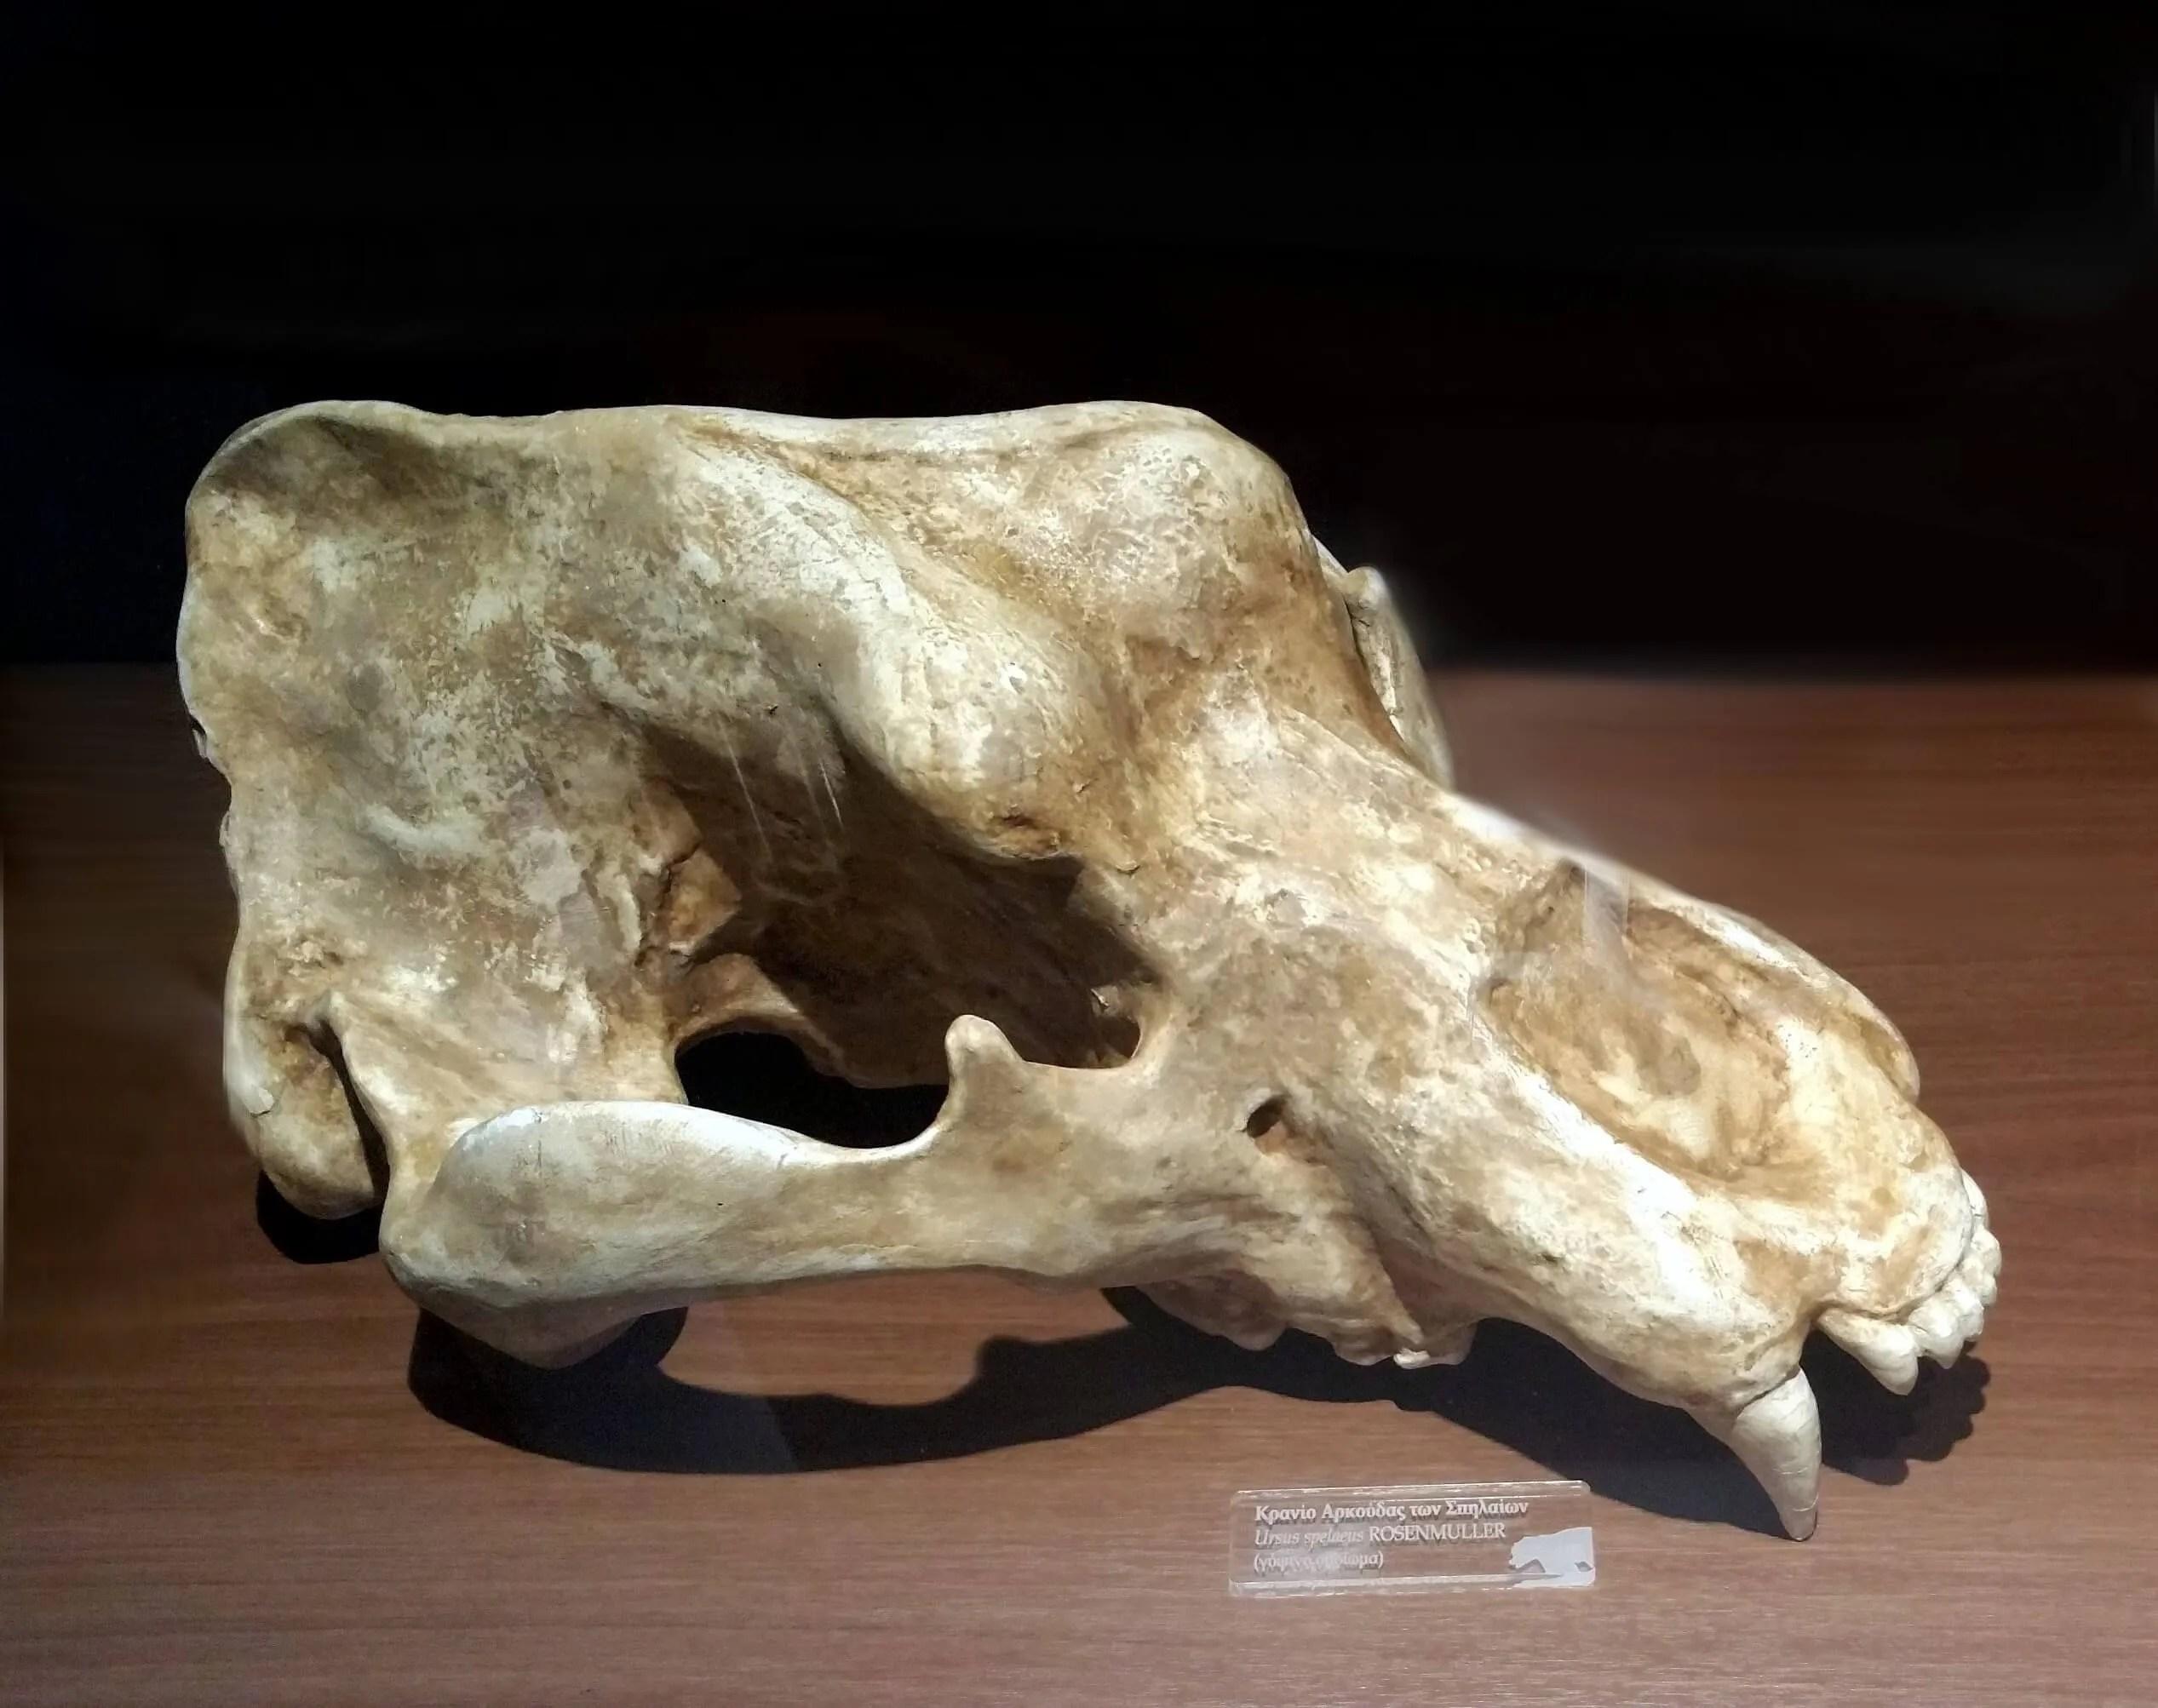 Skull model of ursus spelaeus | Information & Promotion Center of the Perama Cave